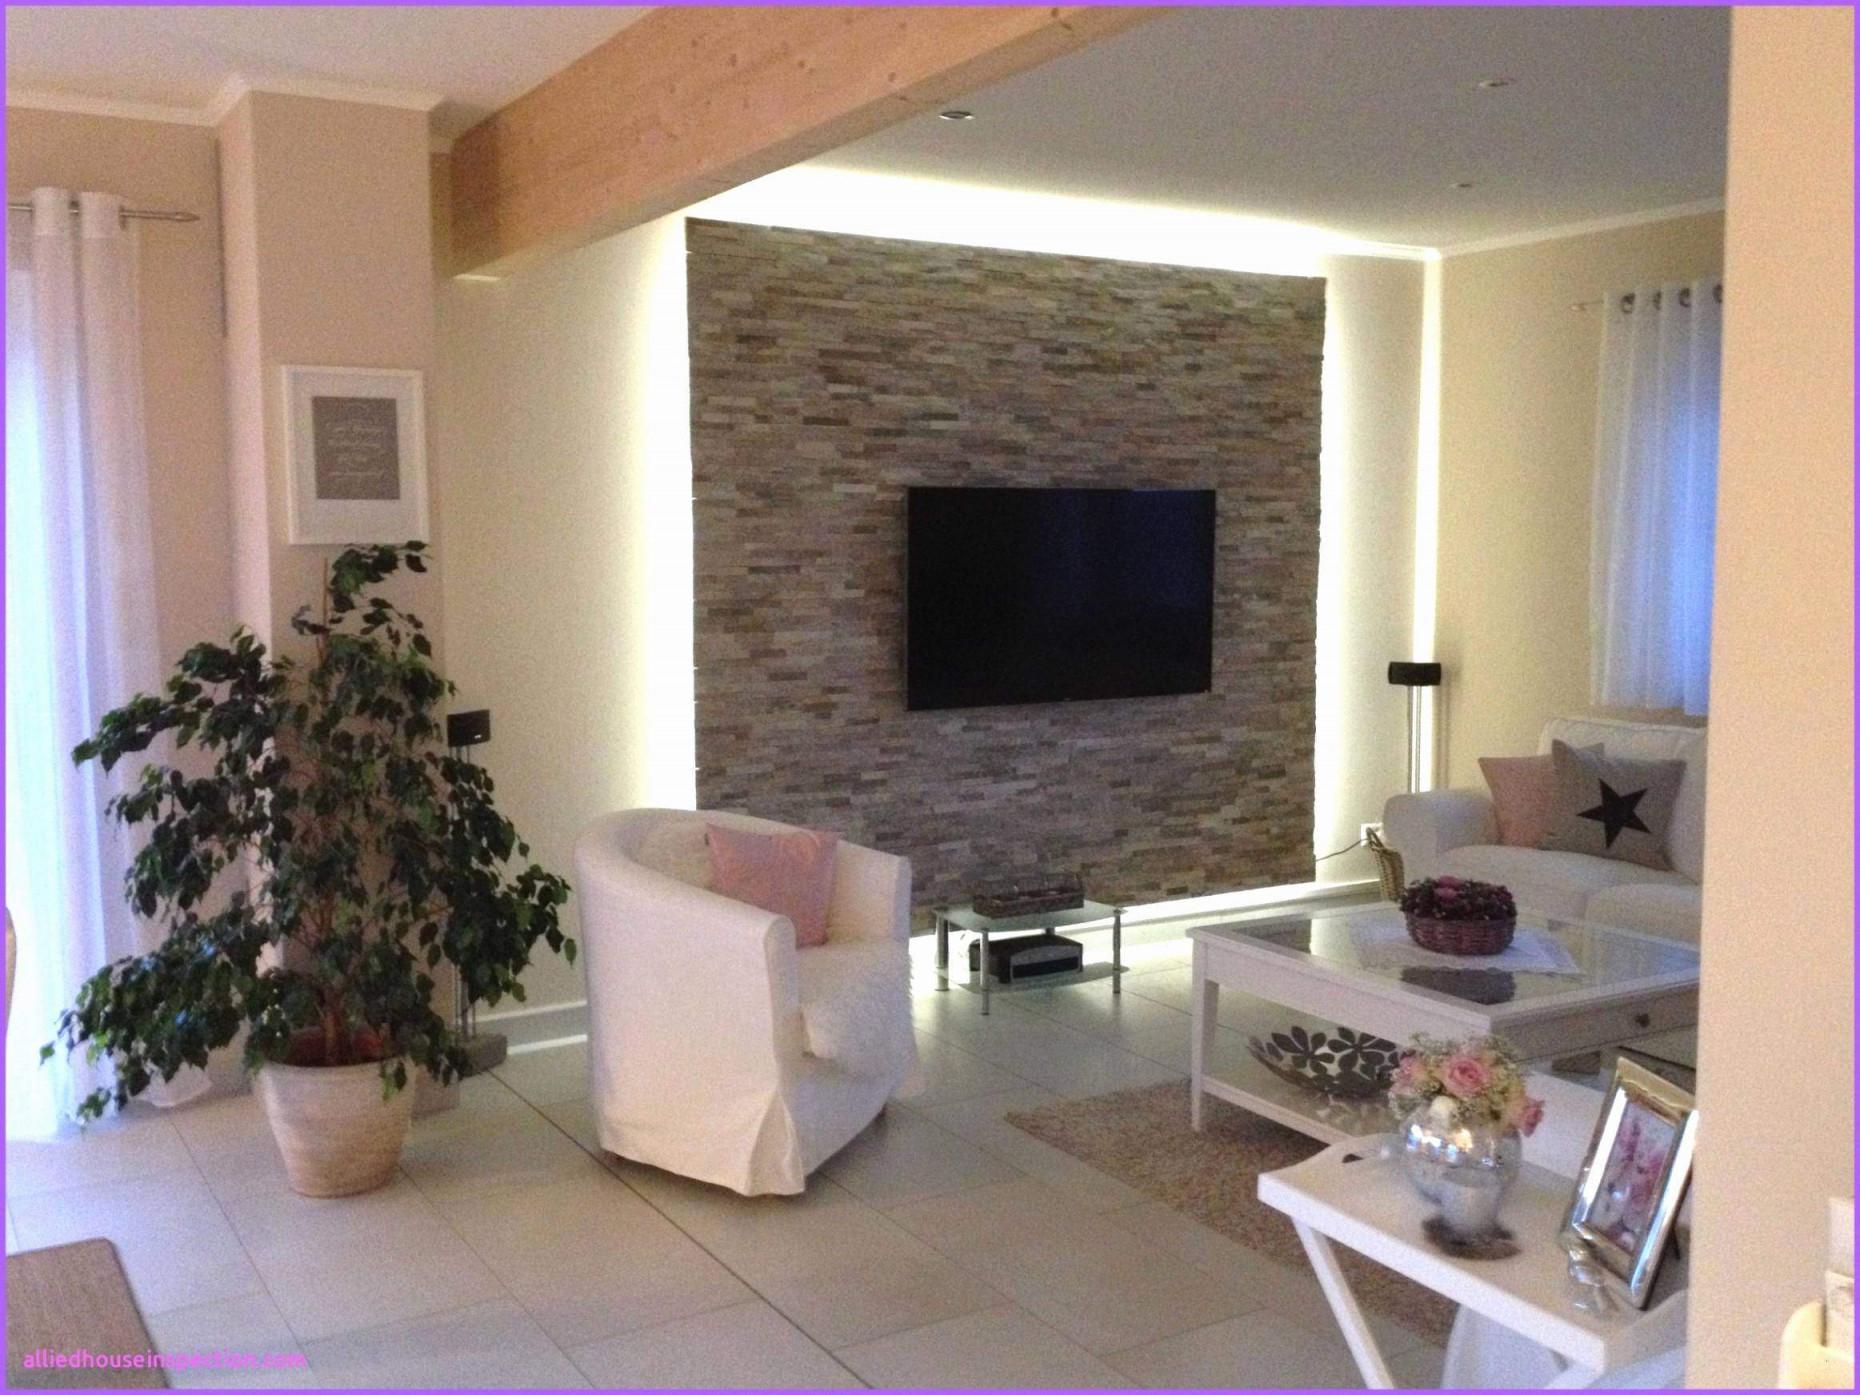 30 Elegant Wohnzimmer Landhausstil Gestalten Luxus von Wohnzimmer Landhausstil Einrichten Bild ...